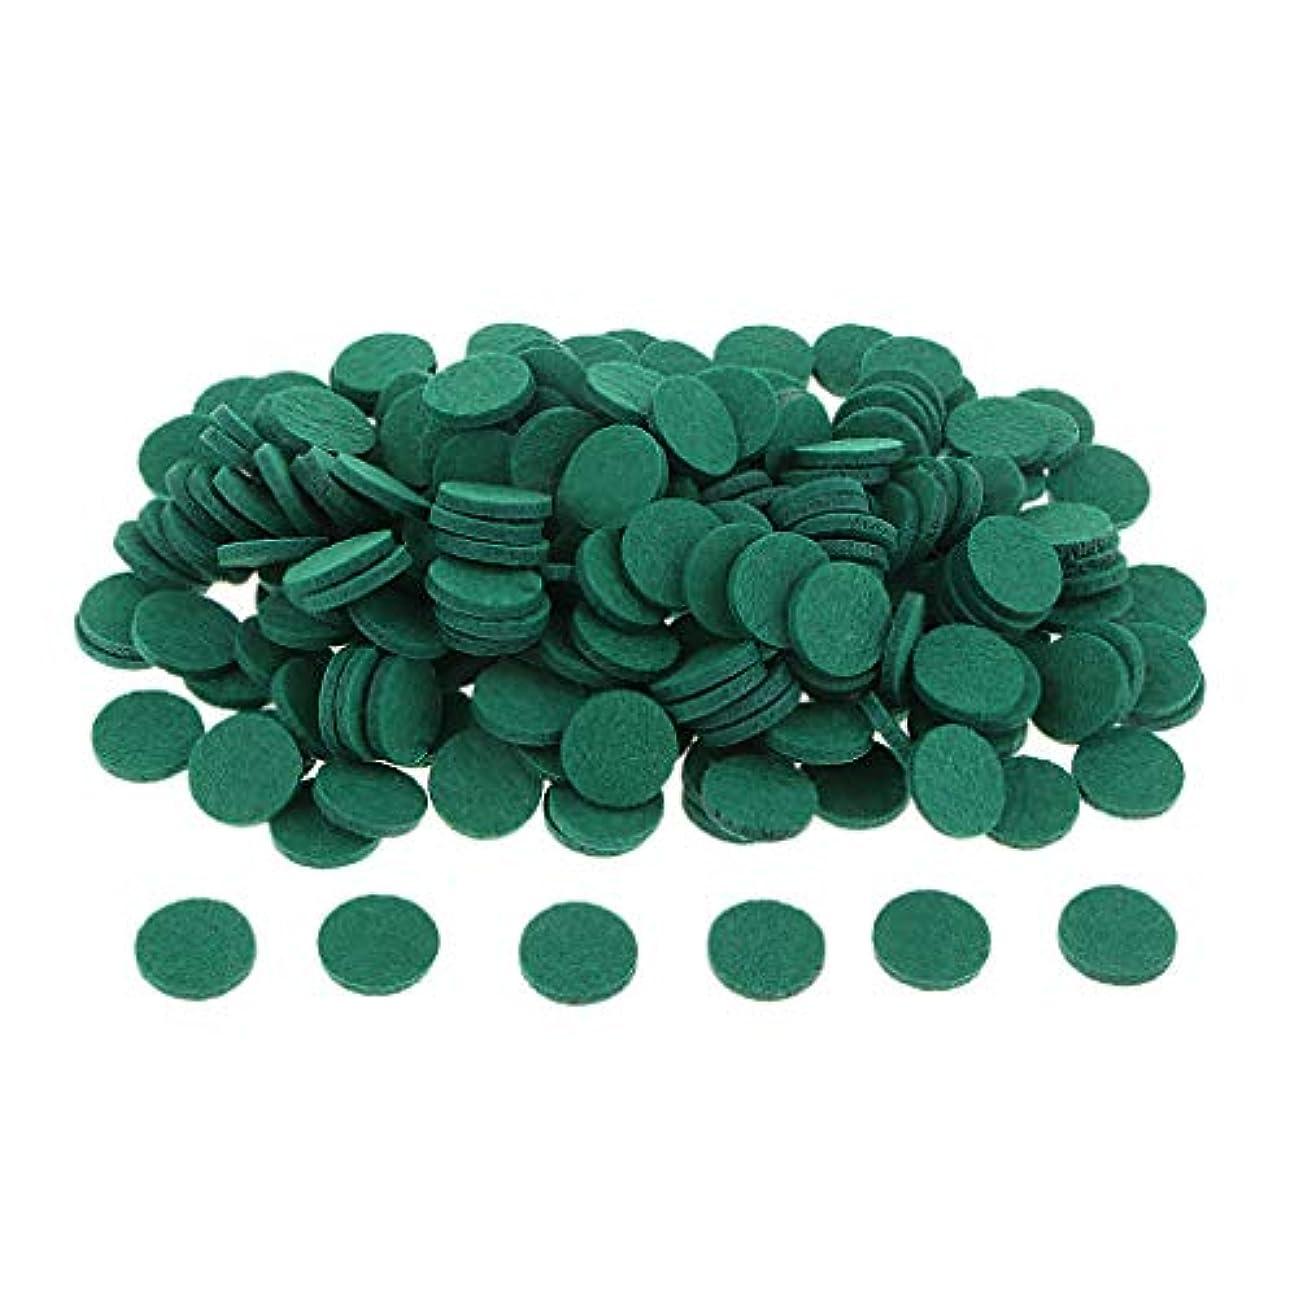 証言胃もつれgazechimp 約200個入り 詰め替えパッド アロマオイルパッド パッド 詰め替え エッセンシャルオイル 部屋 全11色 - 緑